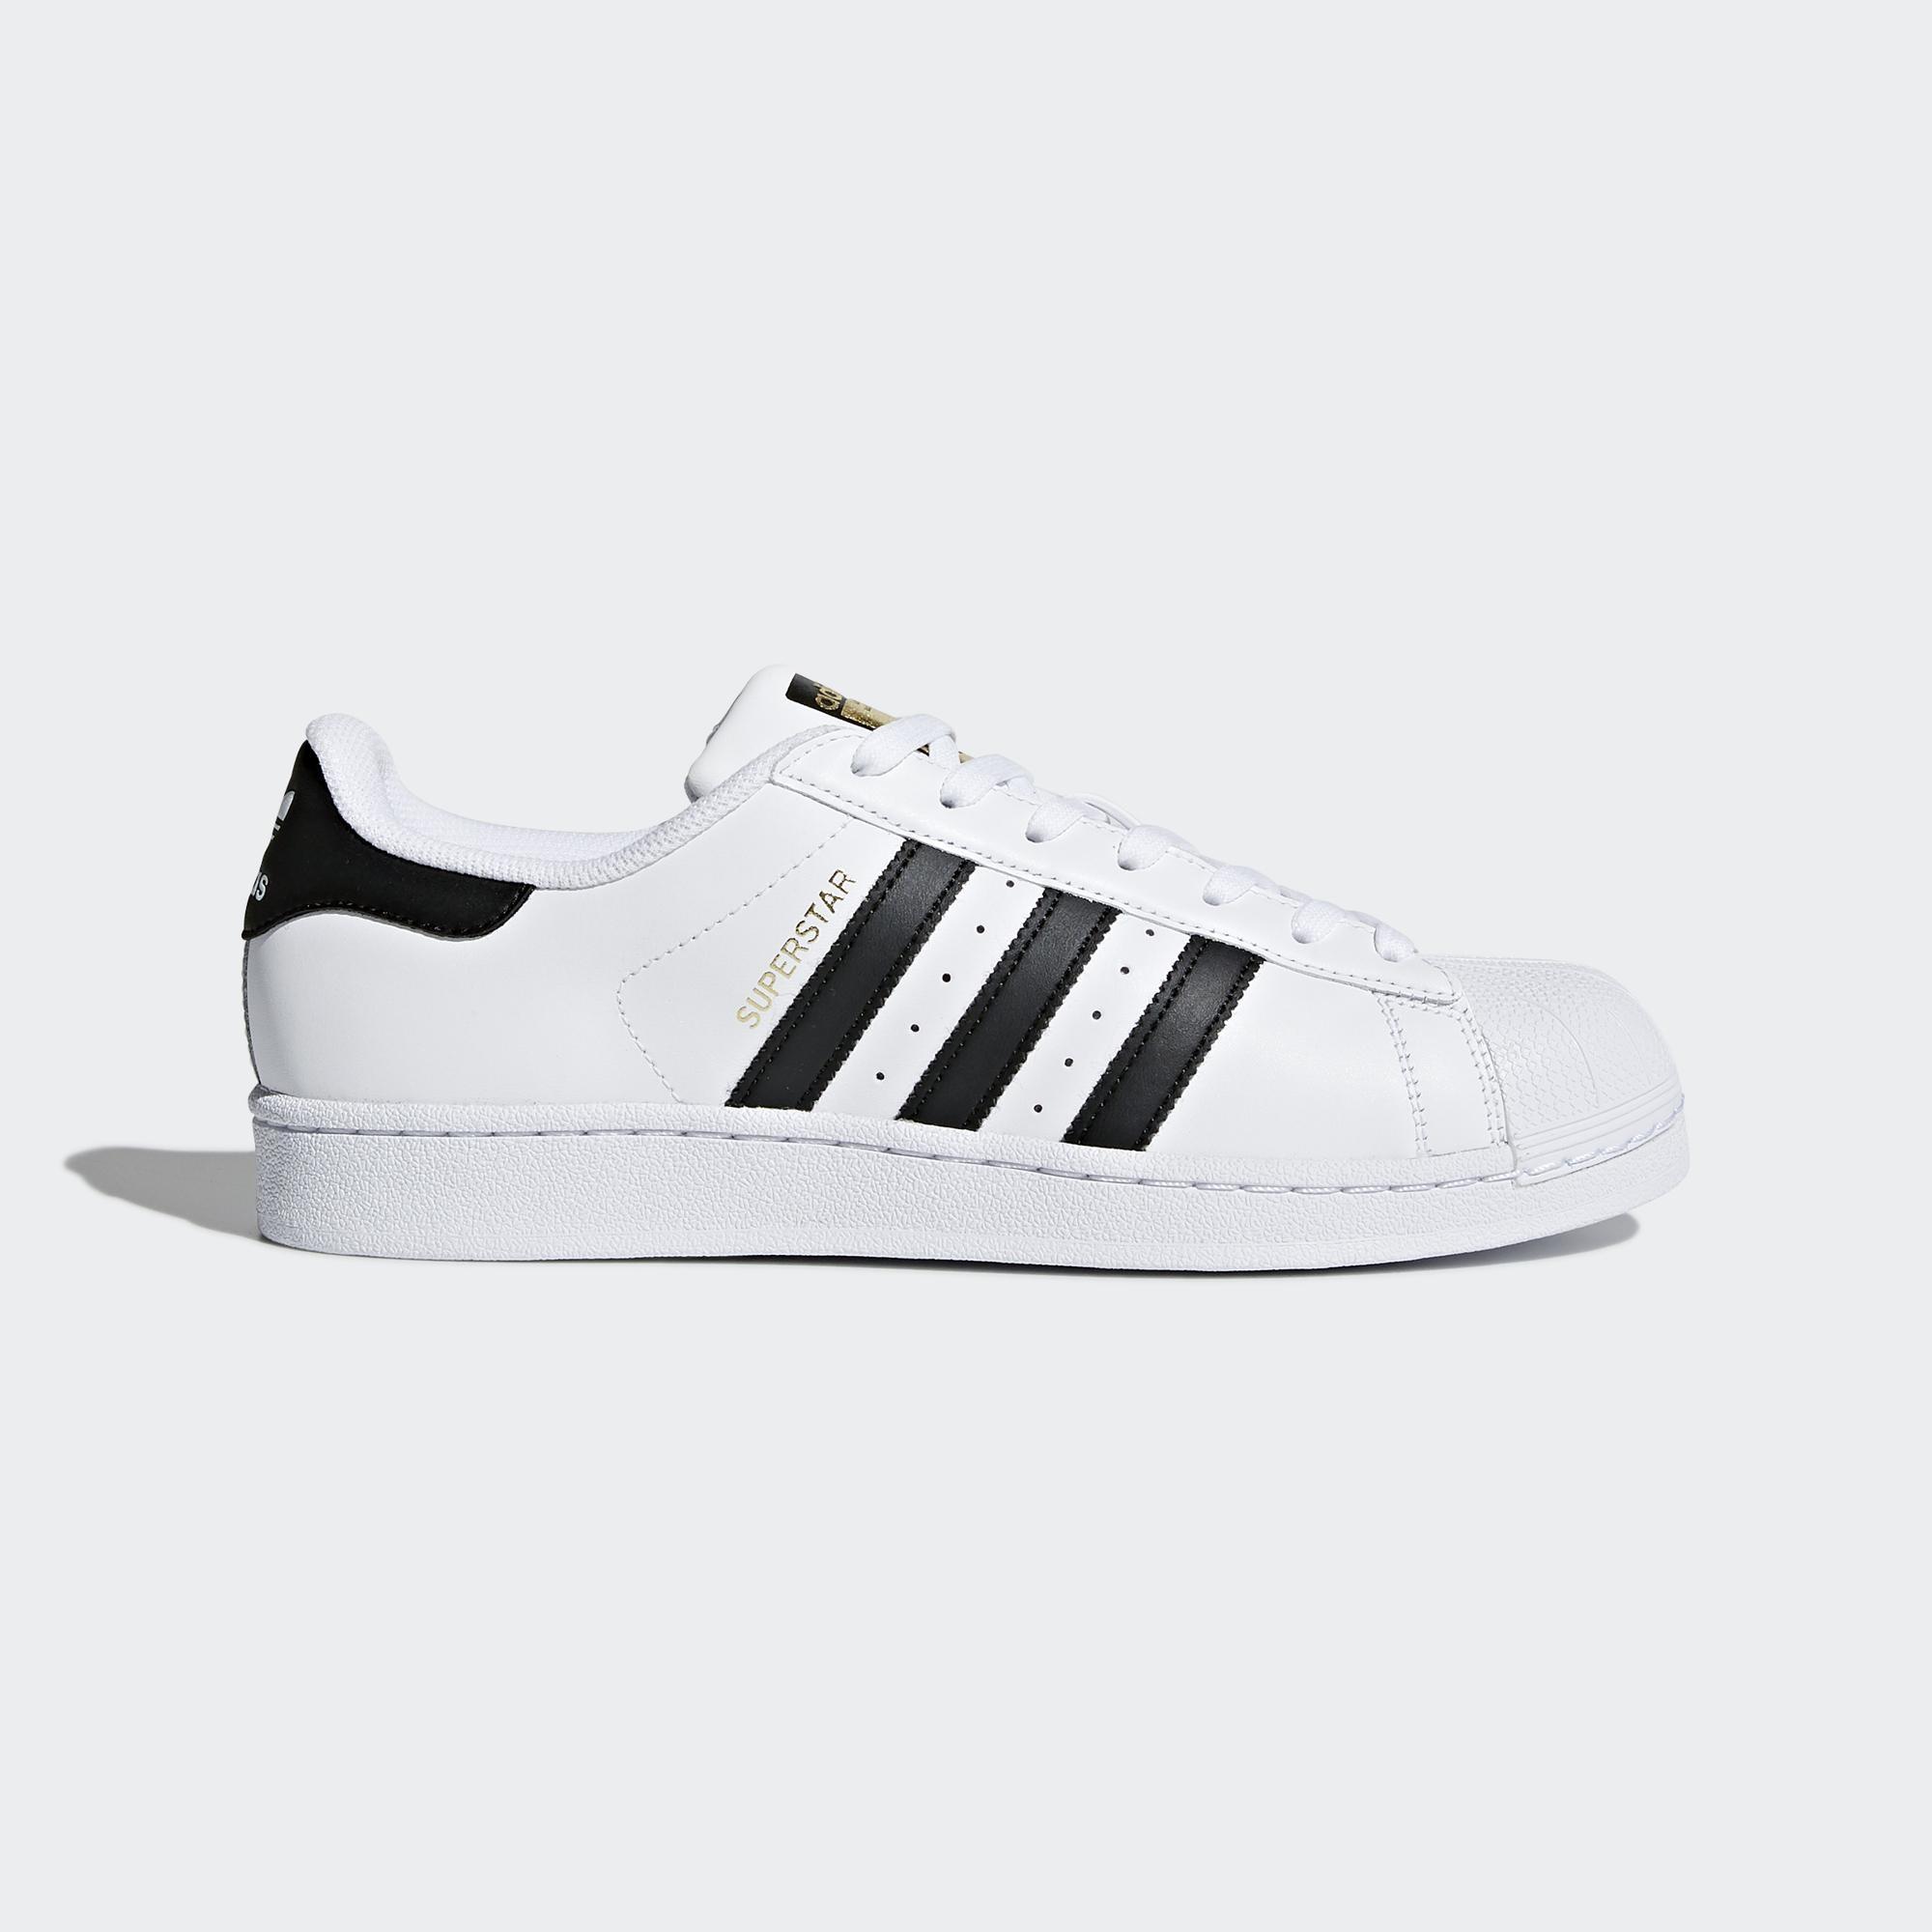 IG最热门的TOP 10鞋款 Adidas就包办了5双 第三名GD最常穿